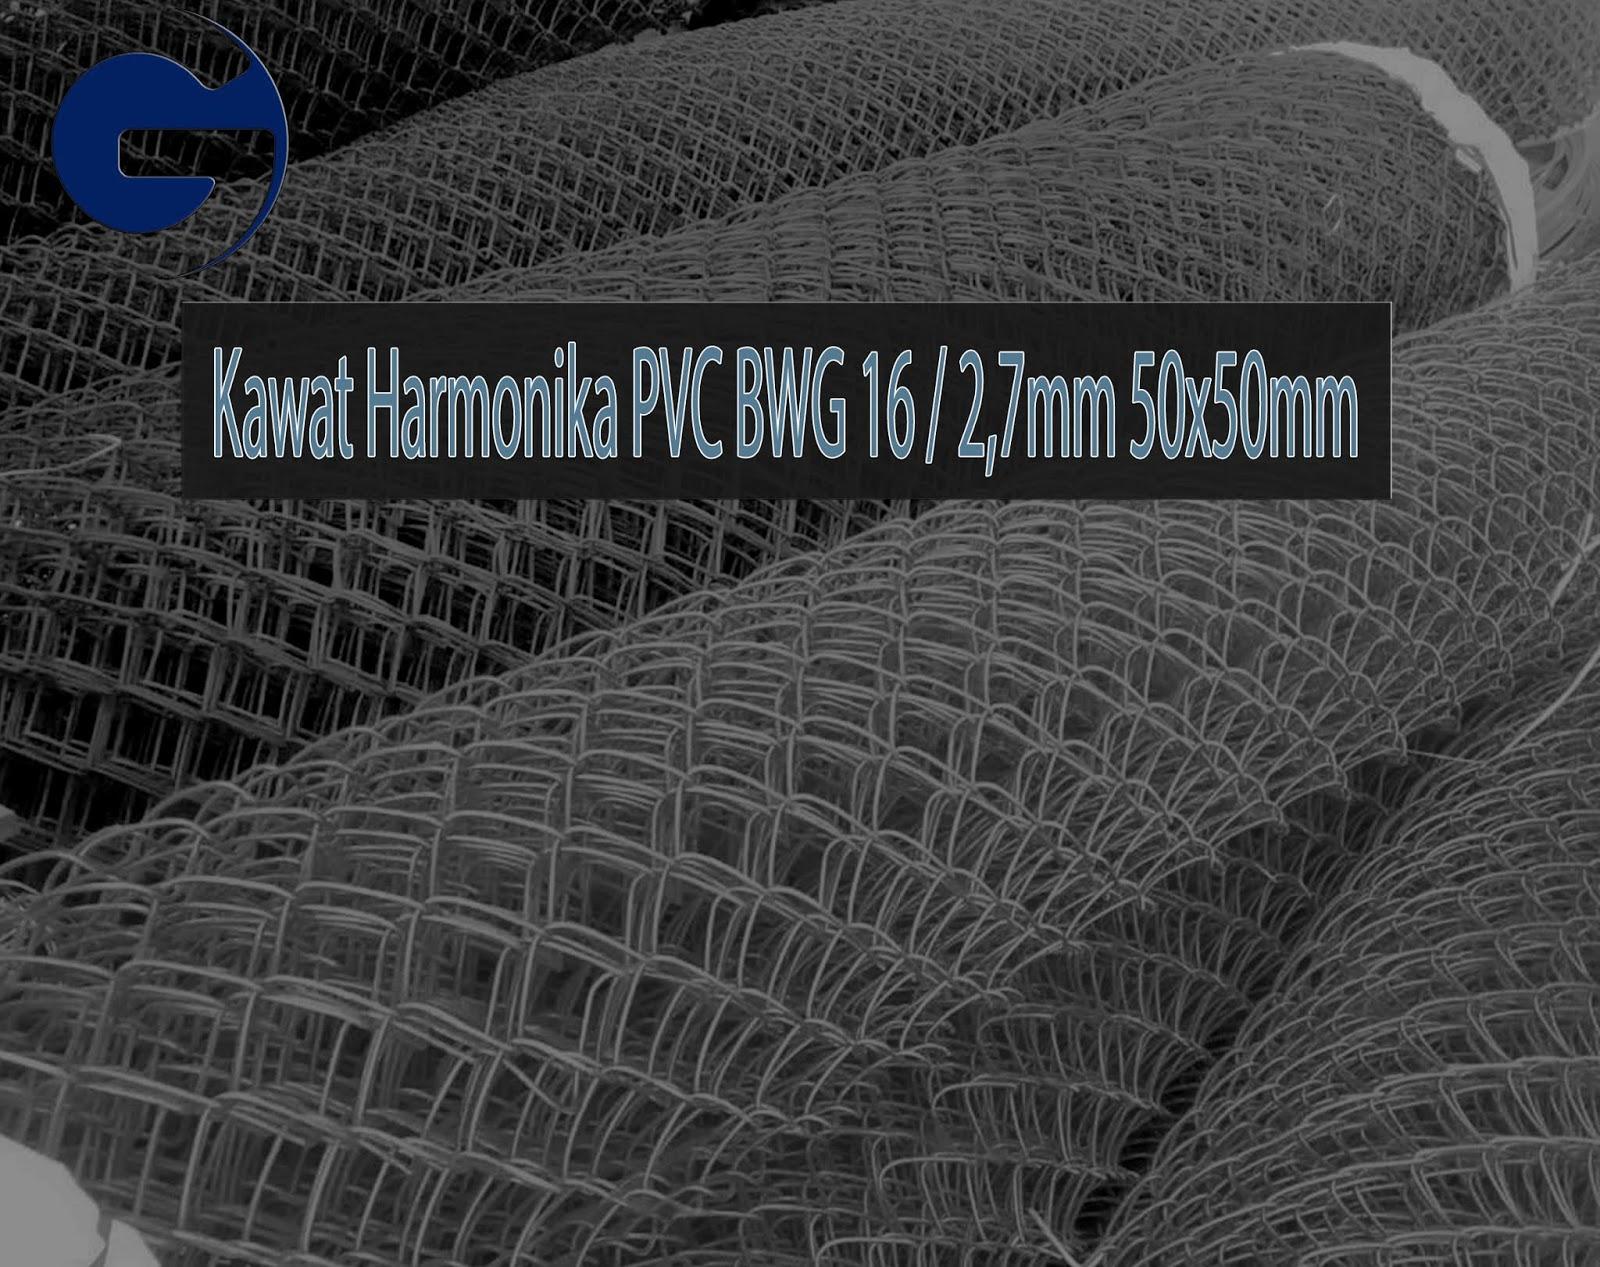 Jual Kawat Harmonika PVC SNI BWG 16/2,7mm 50x50mm